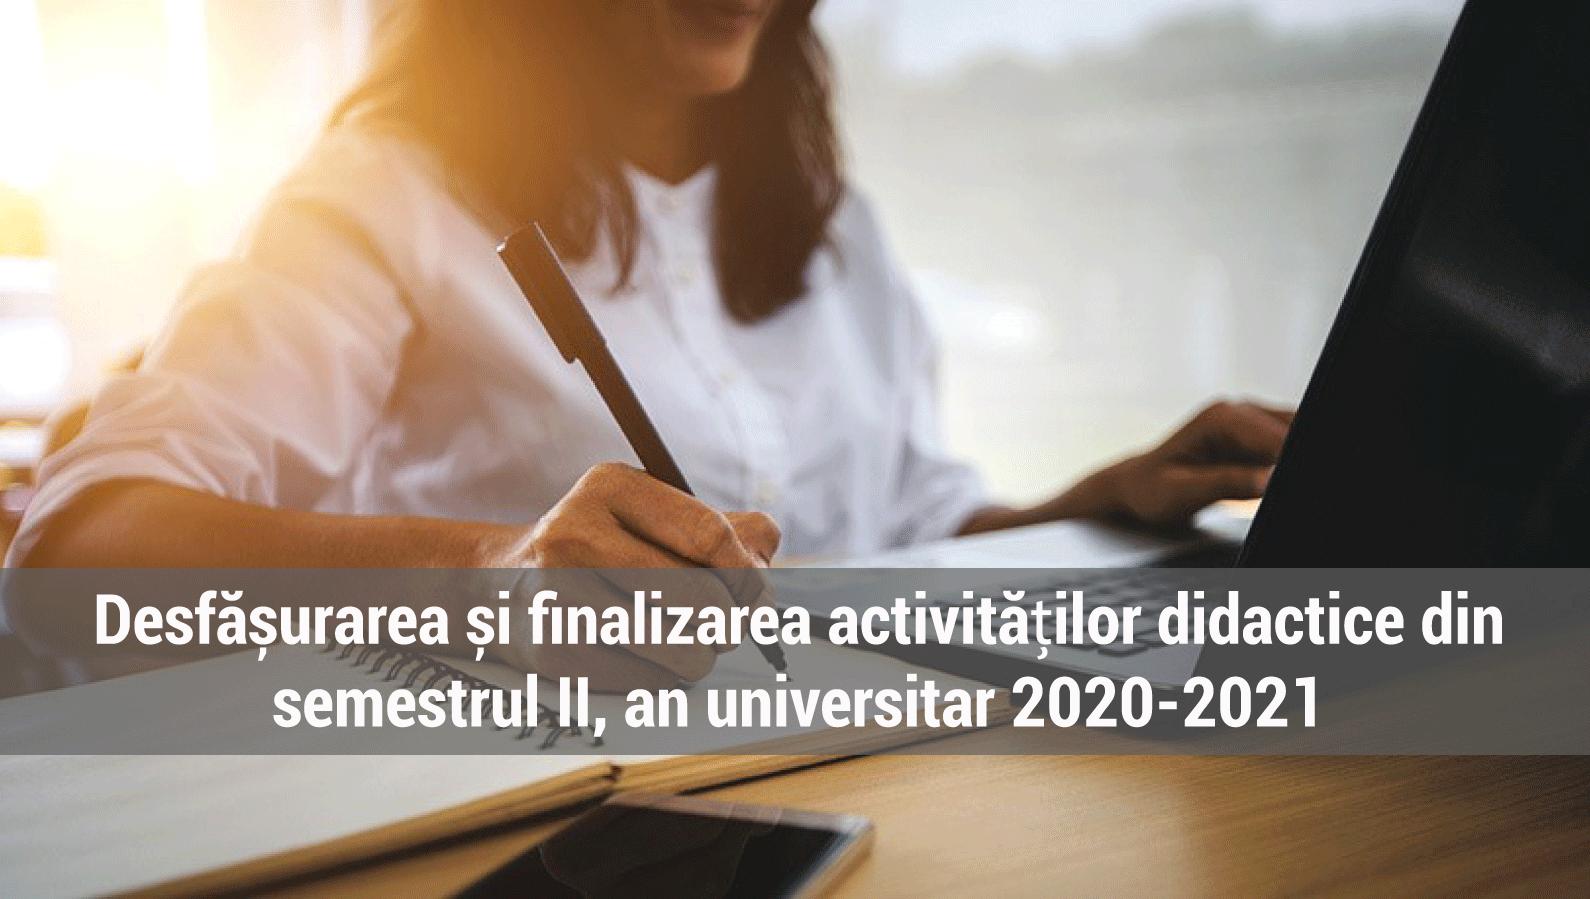 Hotarare privind desfășurarea și finalizarea activităților didactice din semestrul II